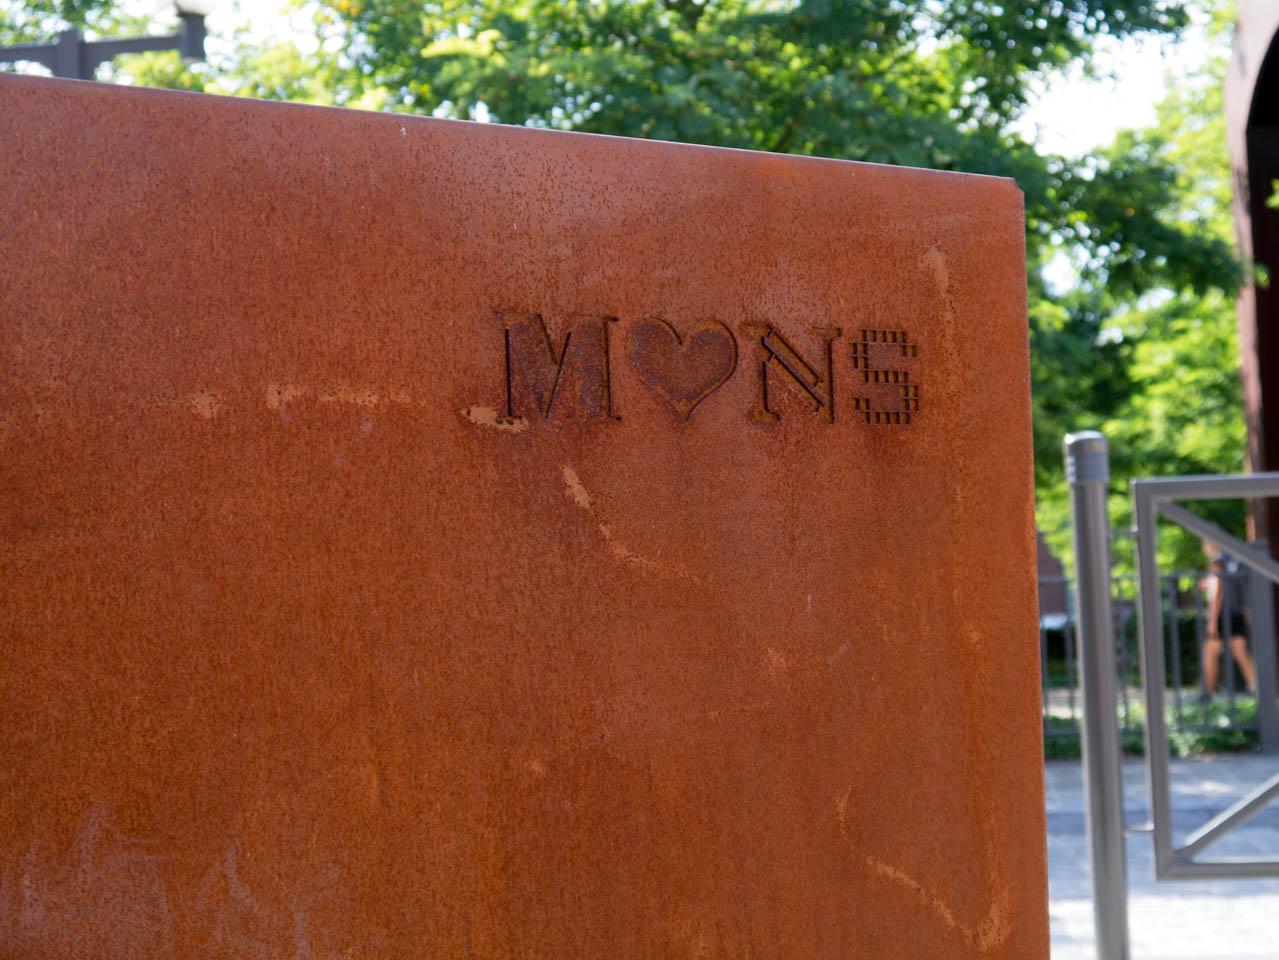 Mons (1 von 1)